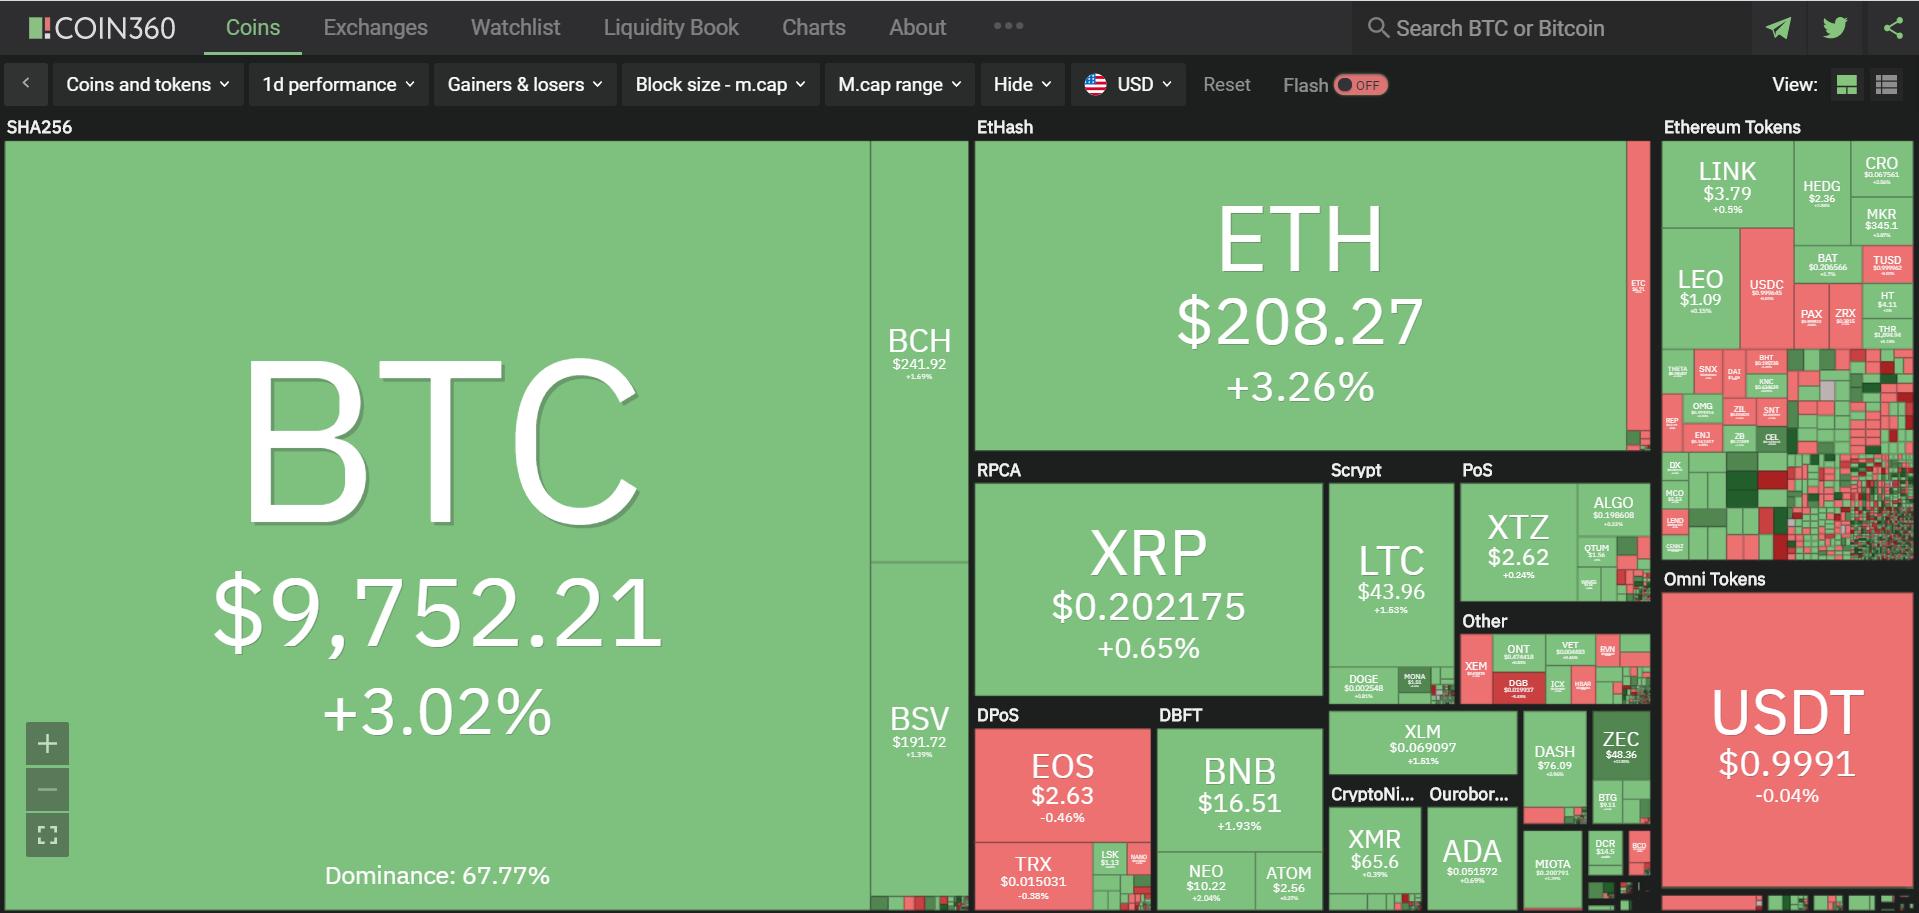 Toàn cảnh thị trường ngày 18/5 (nguồn: Coin360.com)